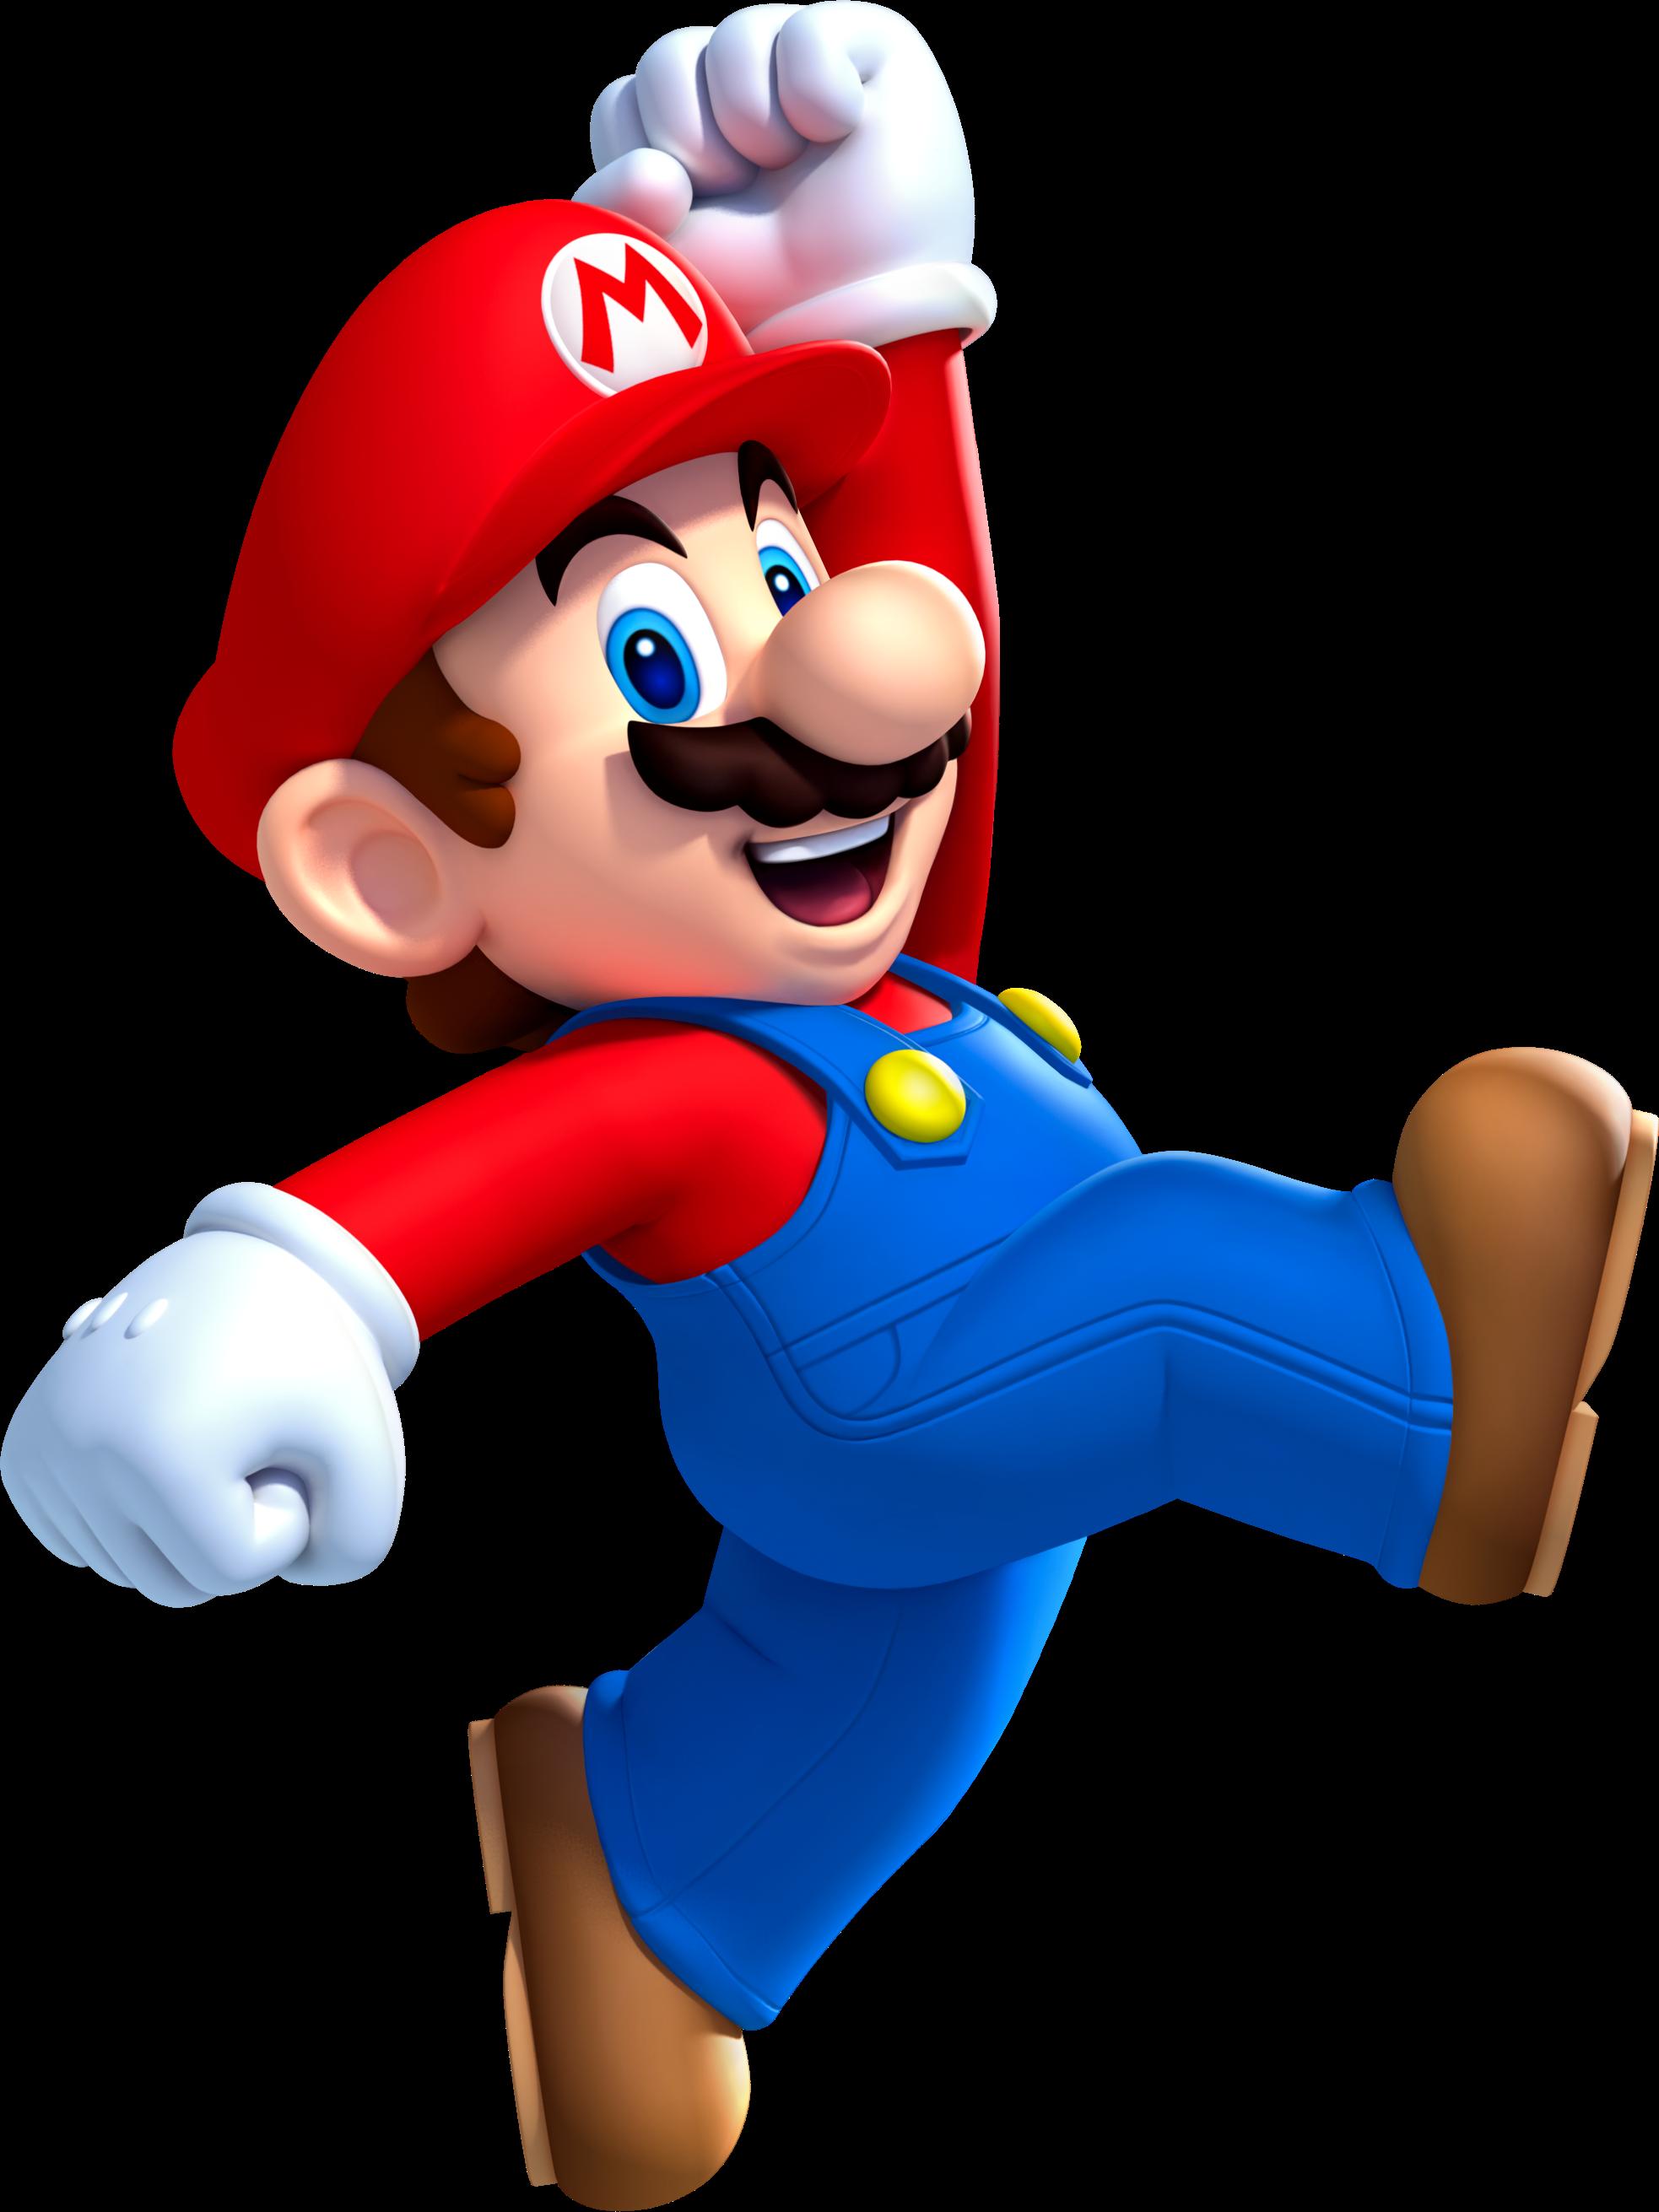 Mario New Super Mario Bros U Png 1 966 2 622 Pixels Super Mario Run Mario Bros Super Mario